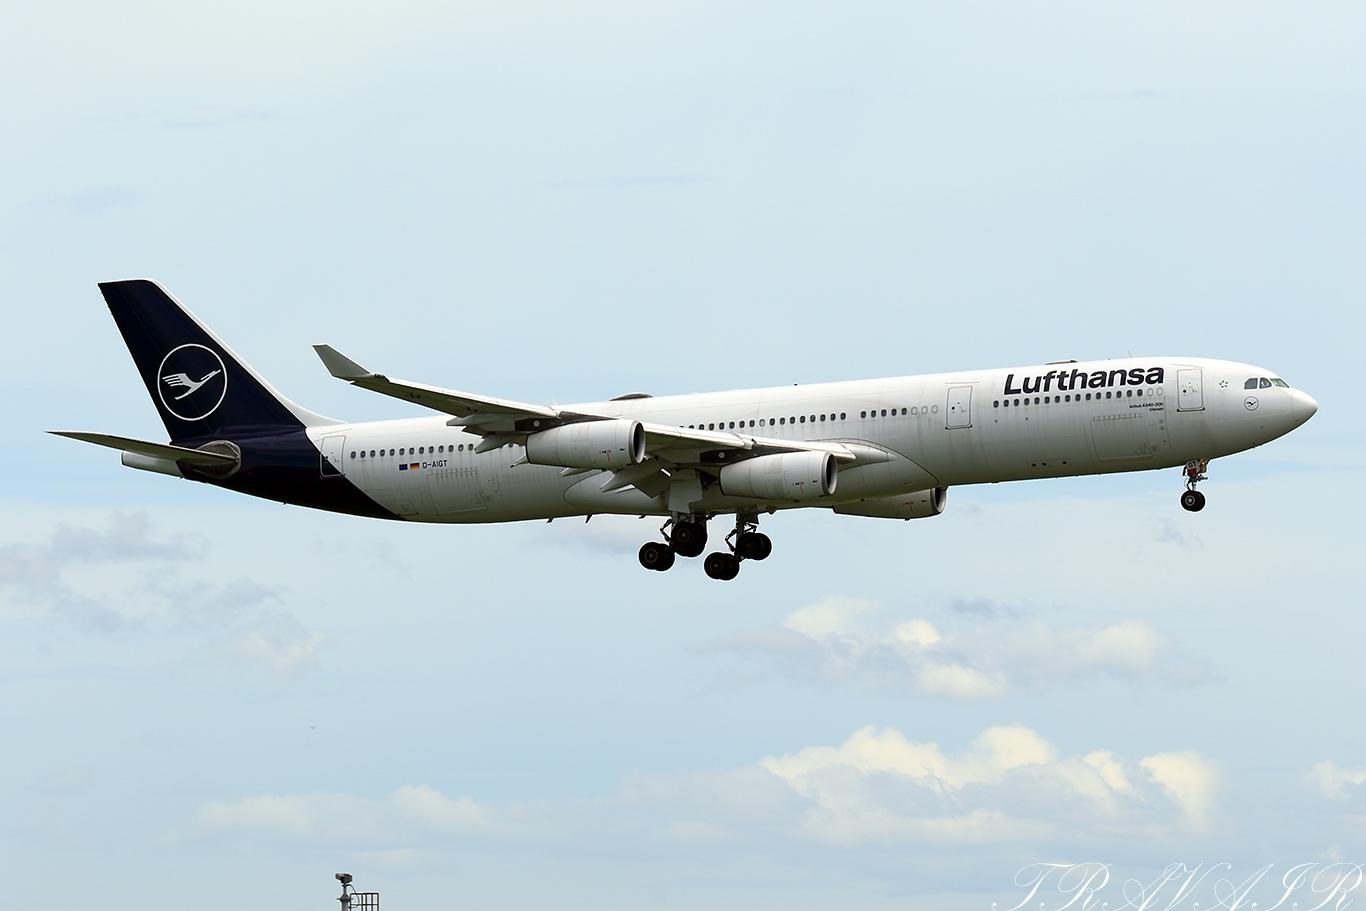 LH/DLH/ルフトハンザ・ドイツ航空 LH717 A340-300 D-AIGT